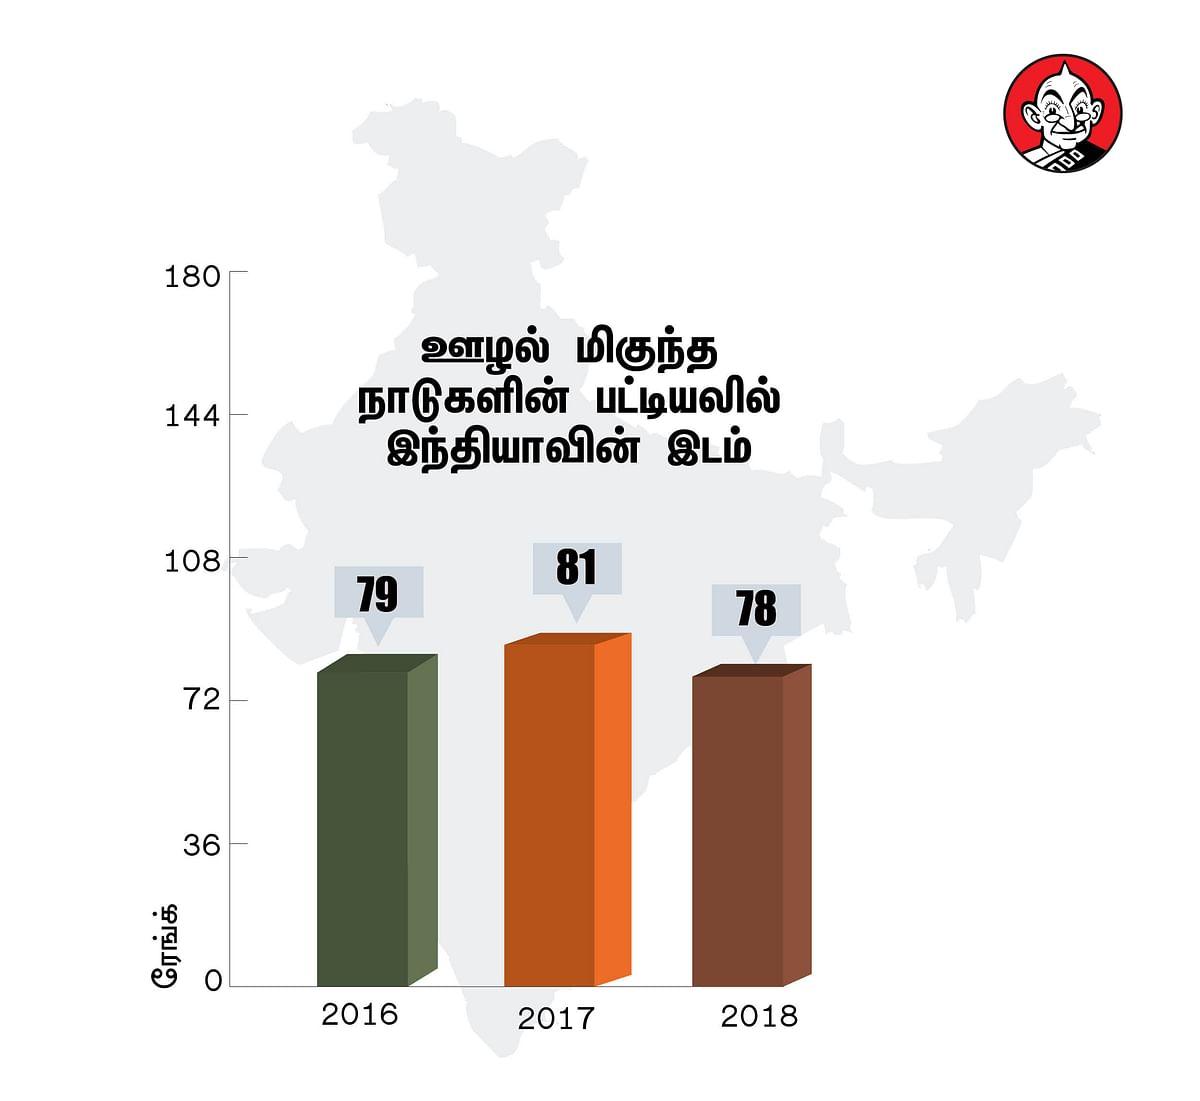 2016-2018-ம் ஆண்டு ஊழல் பட்டியலில் இந்தியாவிற்கான இடம்